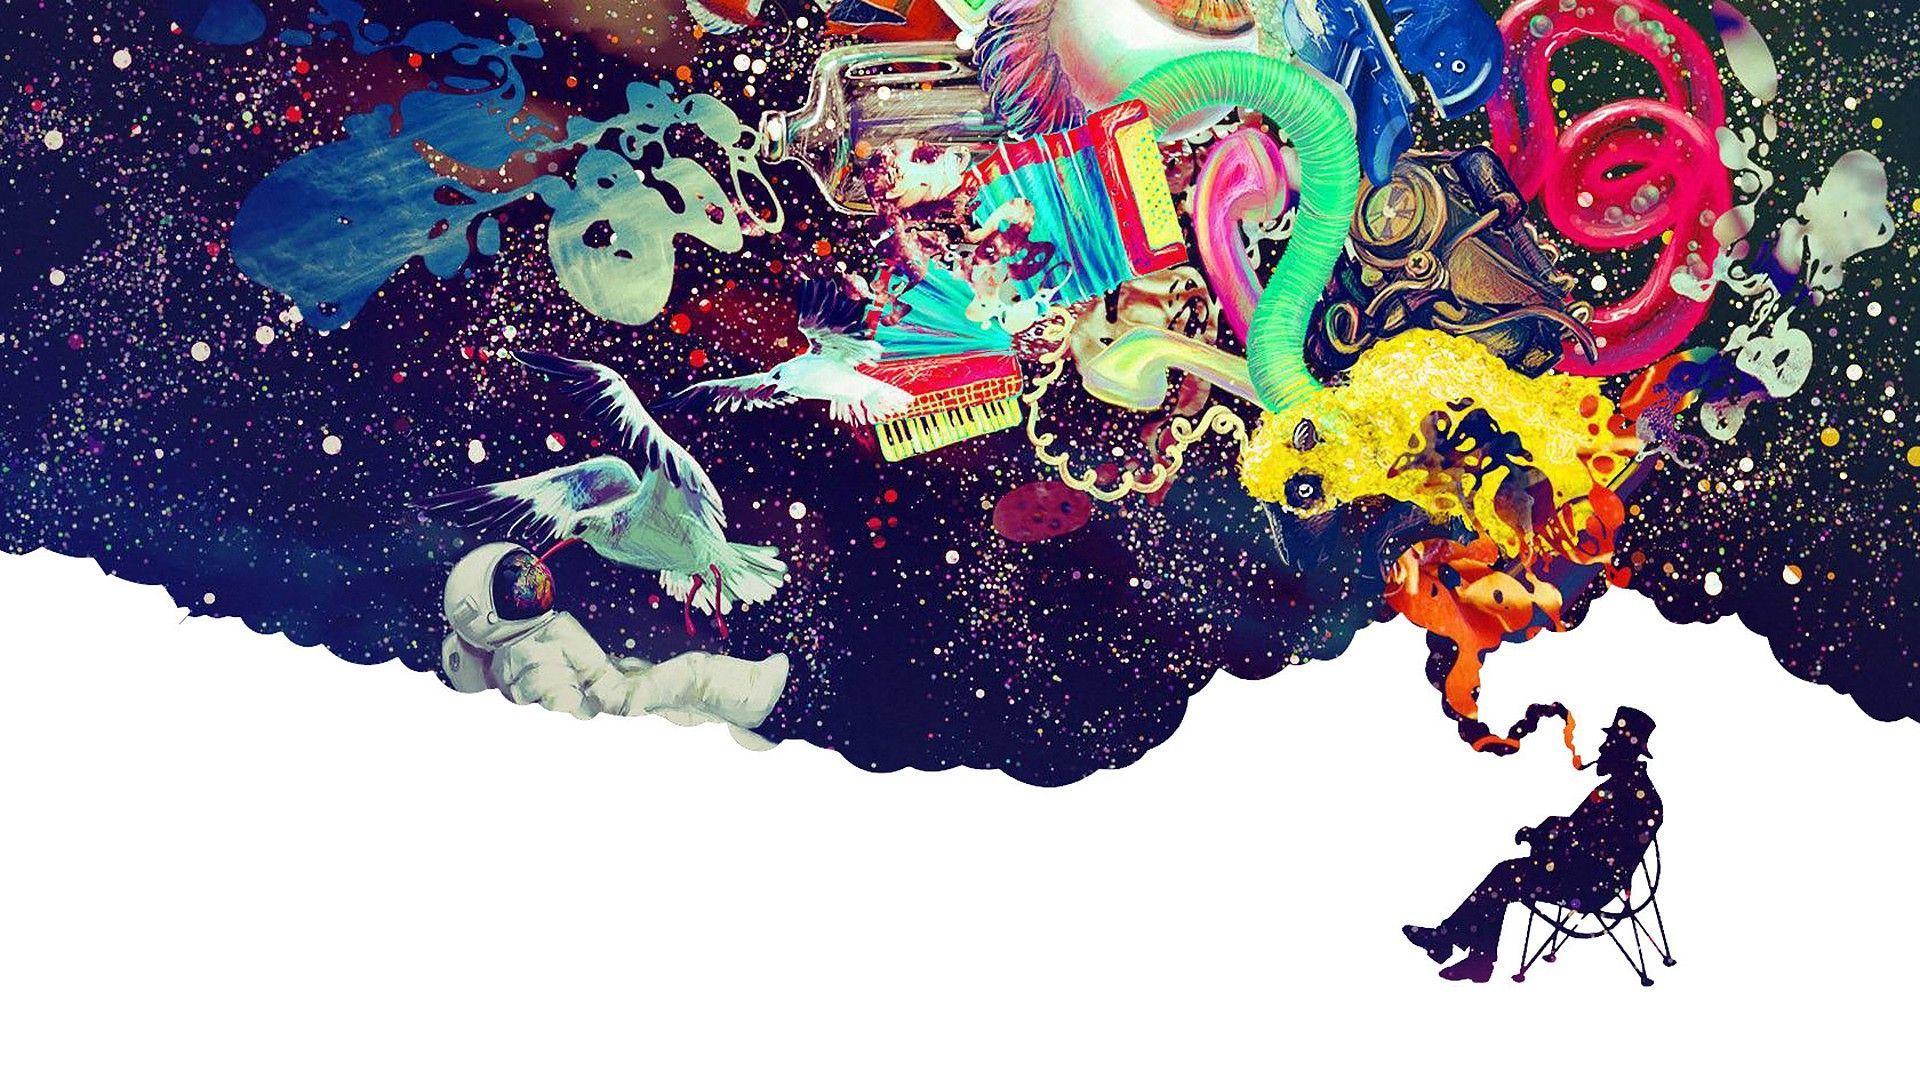 10275 - ¿Sabrías relacionar a cada creativo con su obra? [Difícil]